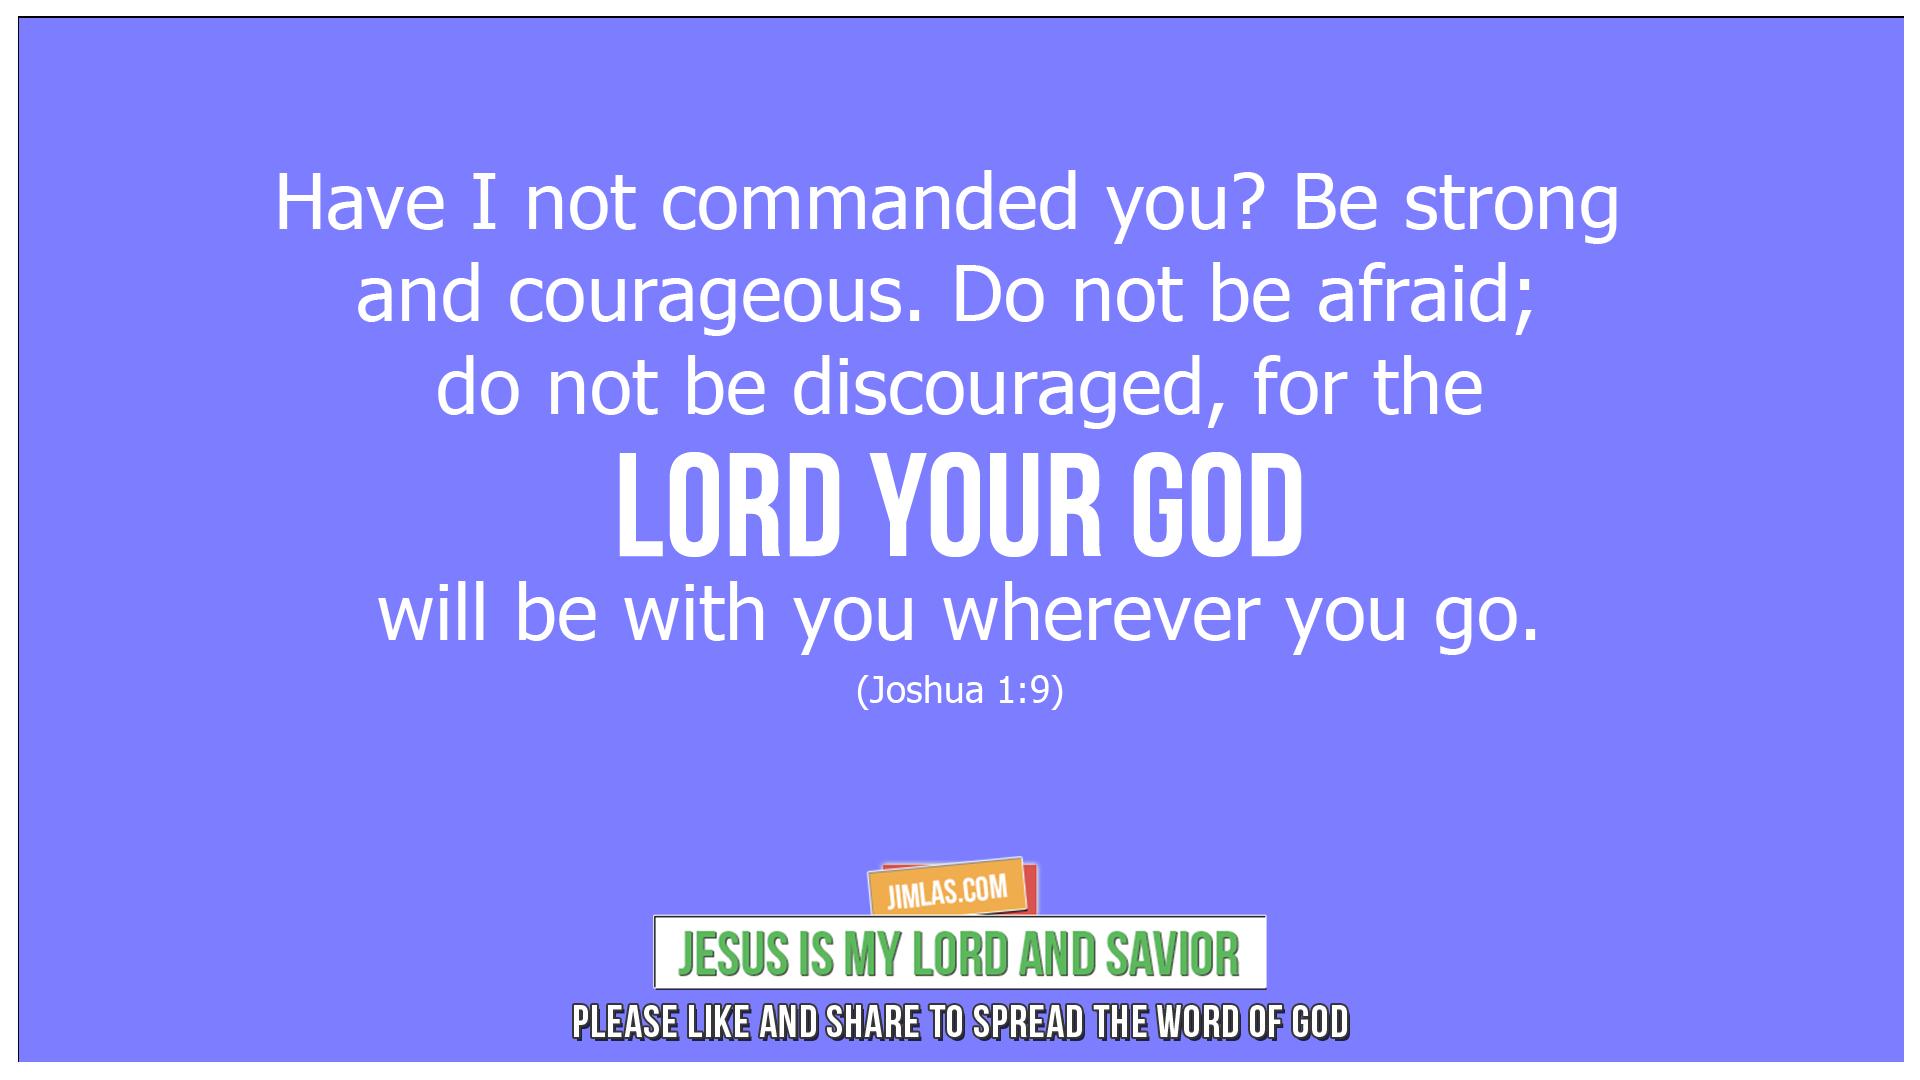 joshua 1 9, Joshua 1:9